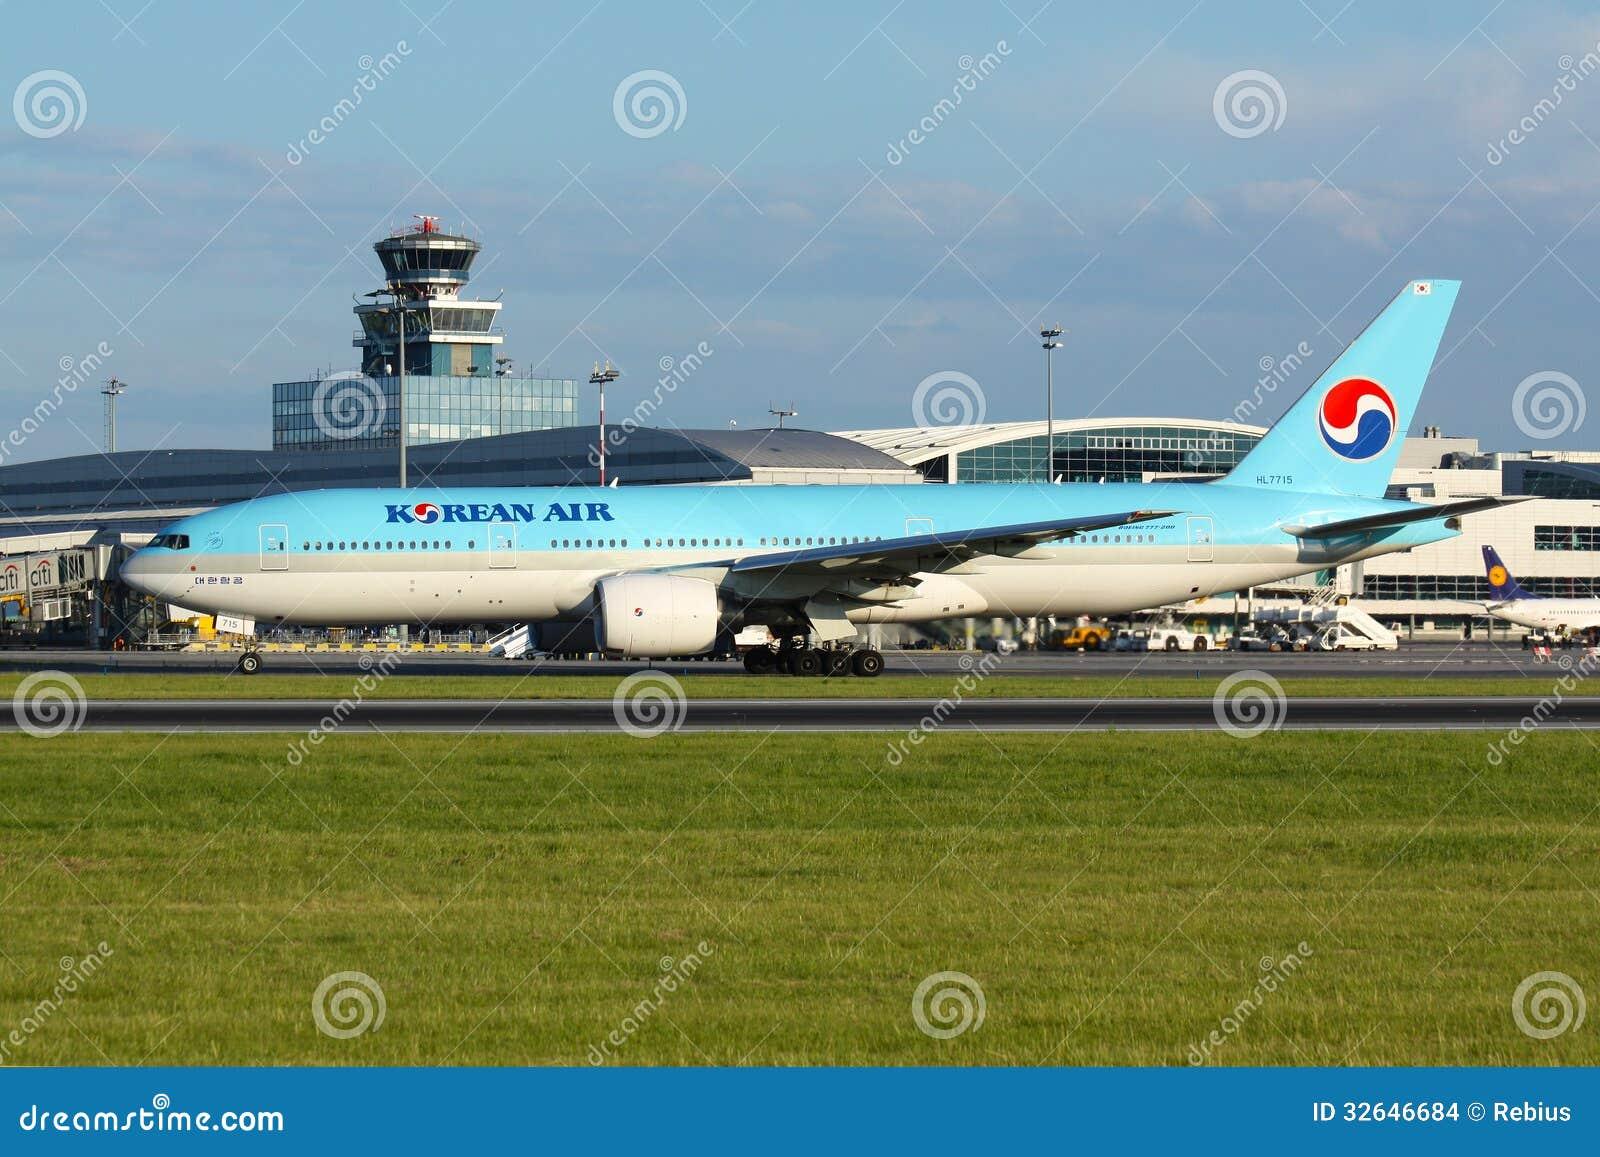 B777 Korean Air